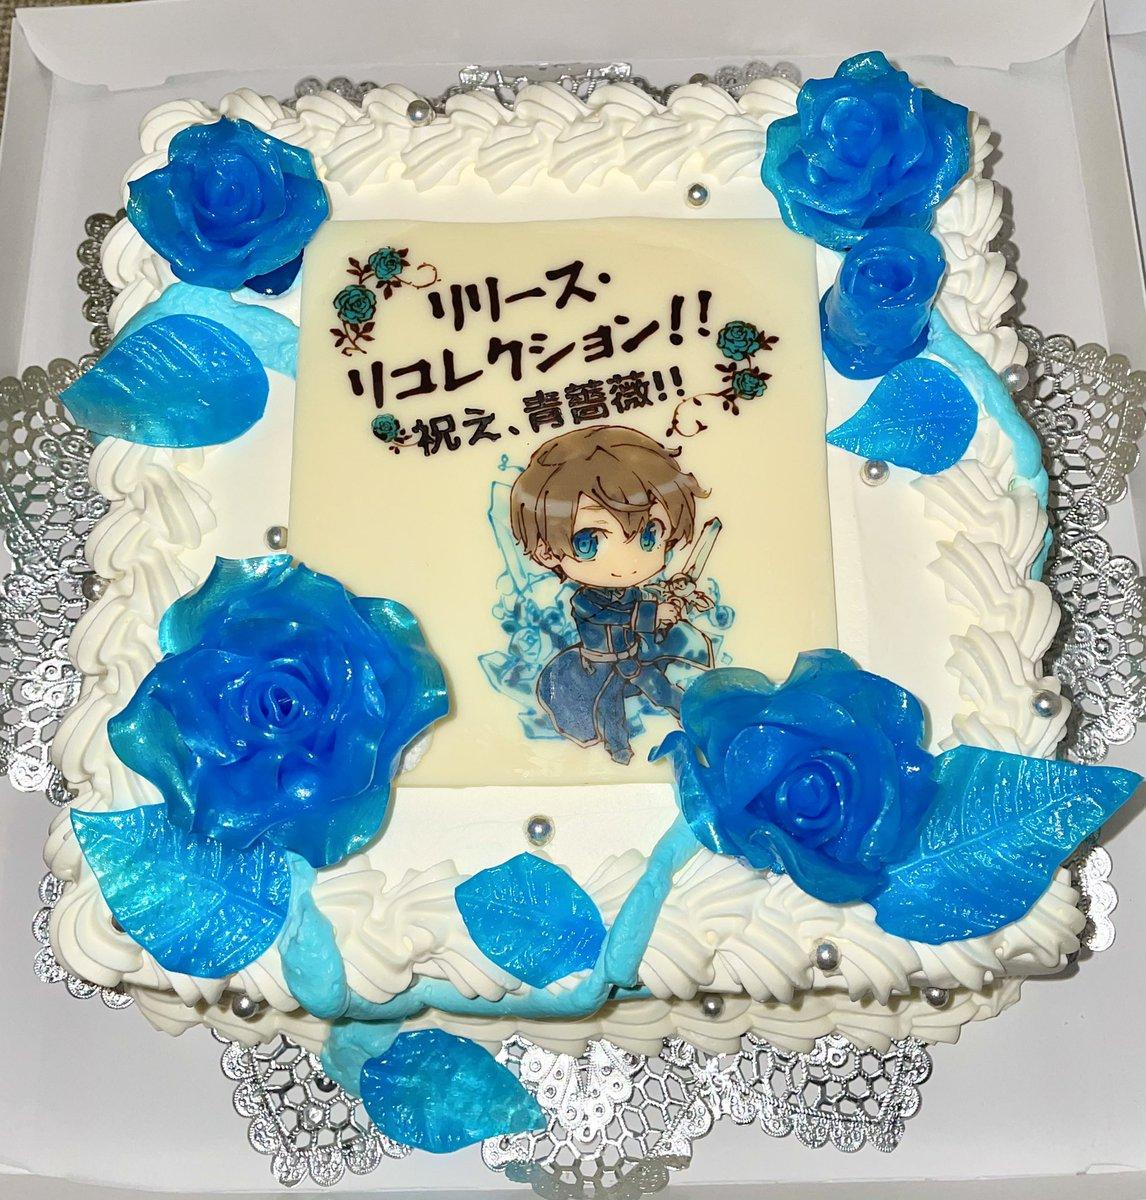 ストレートエッジ様からのご依頼で、ニコ生放送にて島崎信長様のお誕生日をお祝いする青薔薇のケーキをお作りさせていただきました!ご依頼ありがとうございました!おめでとうございます!